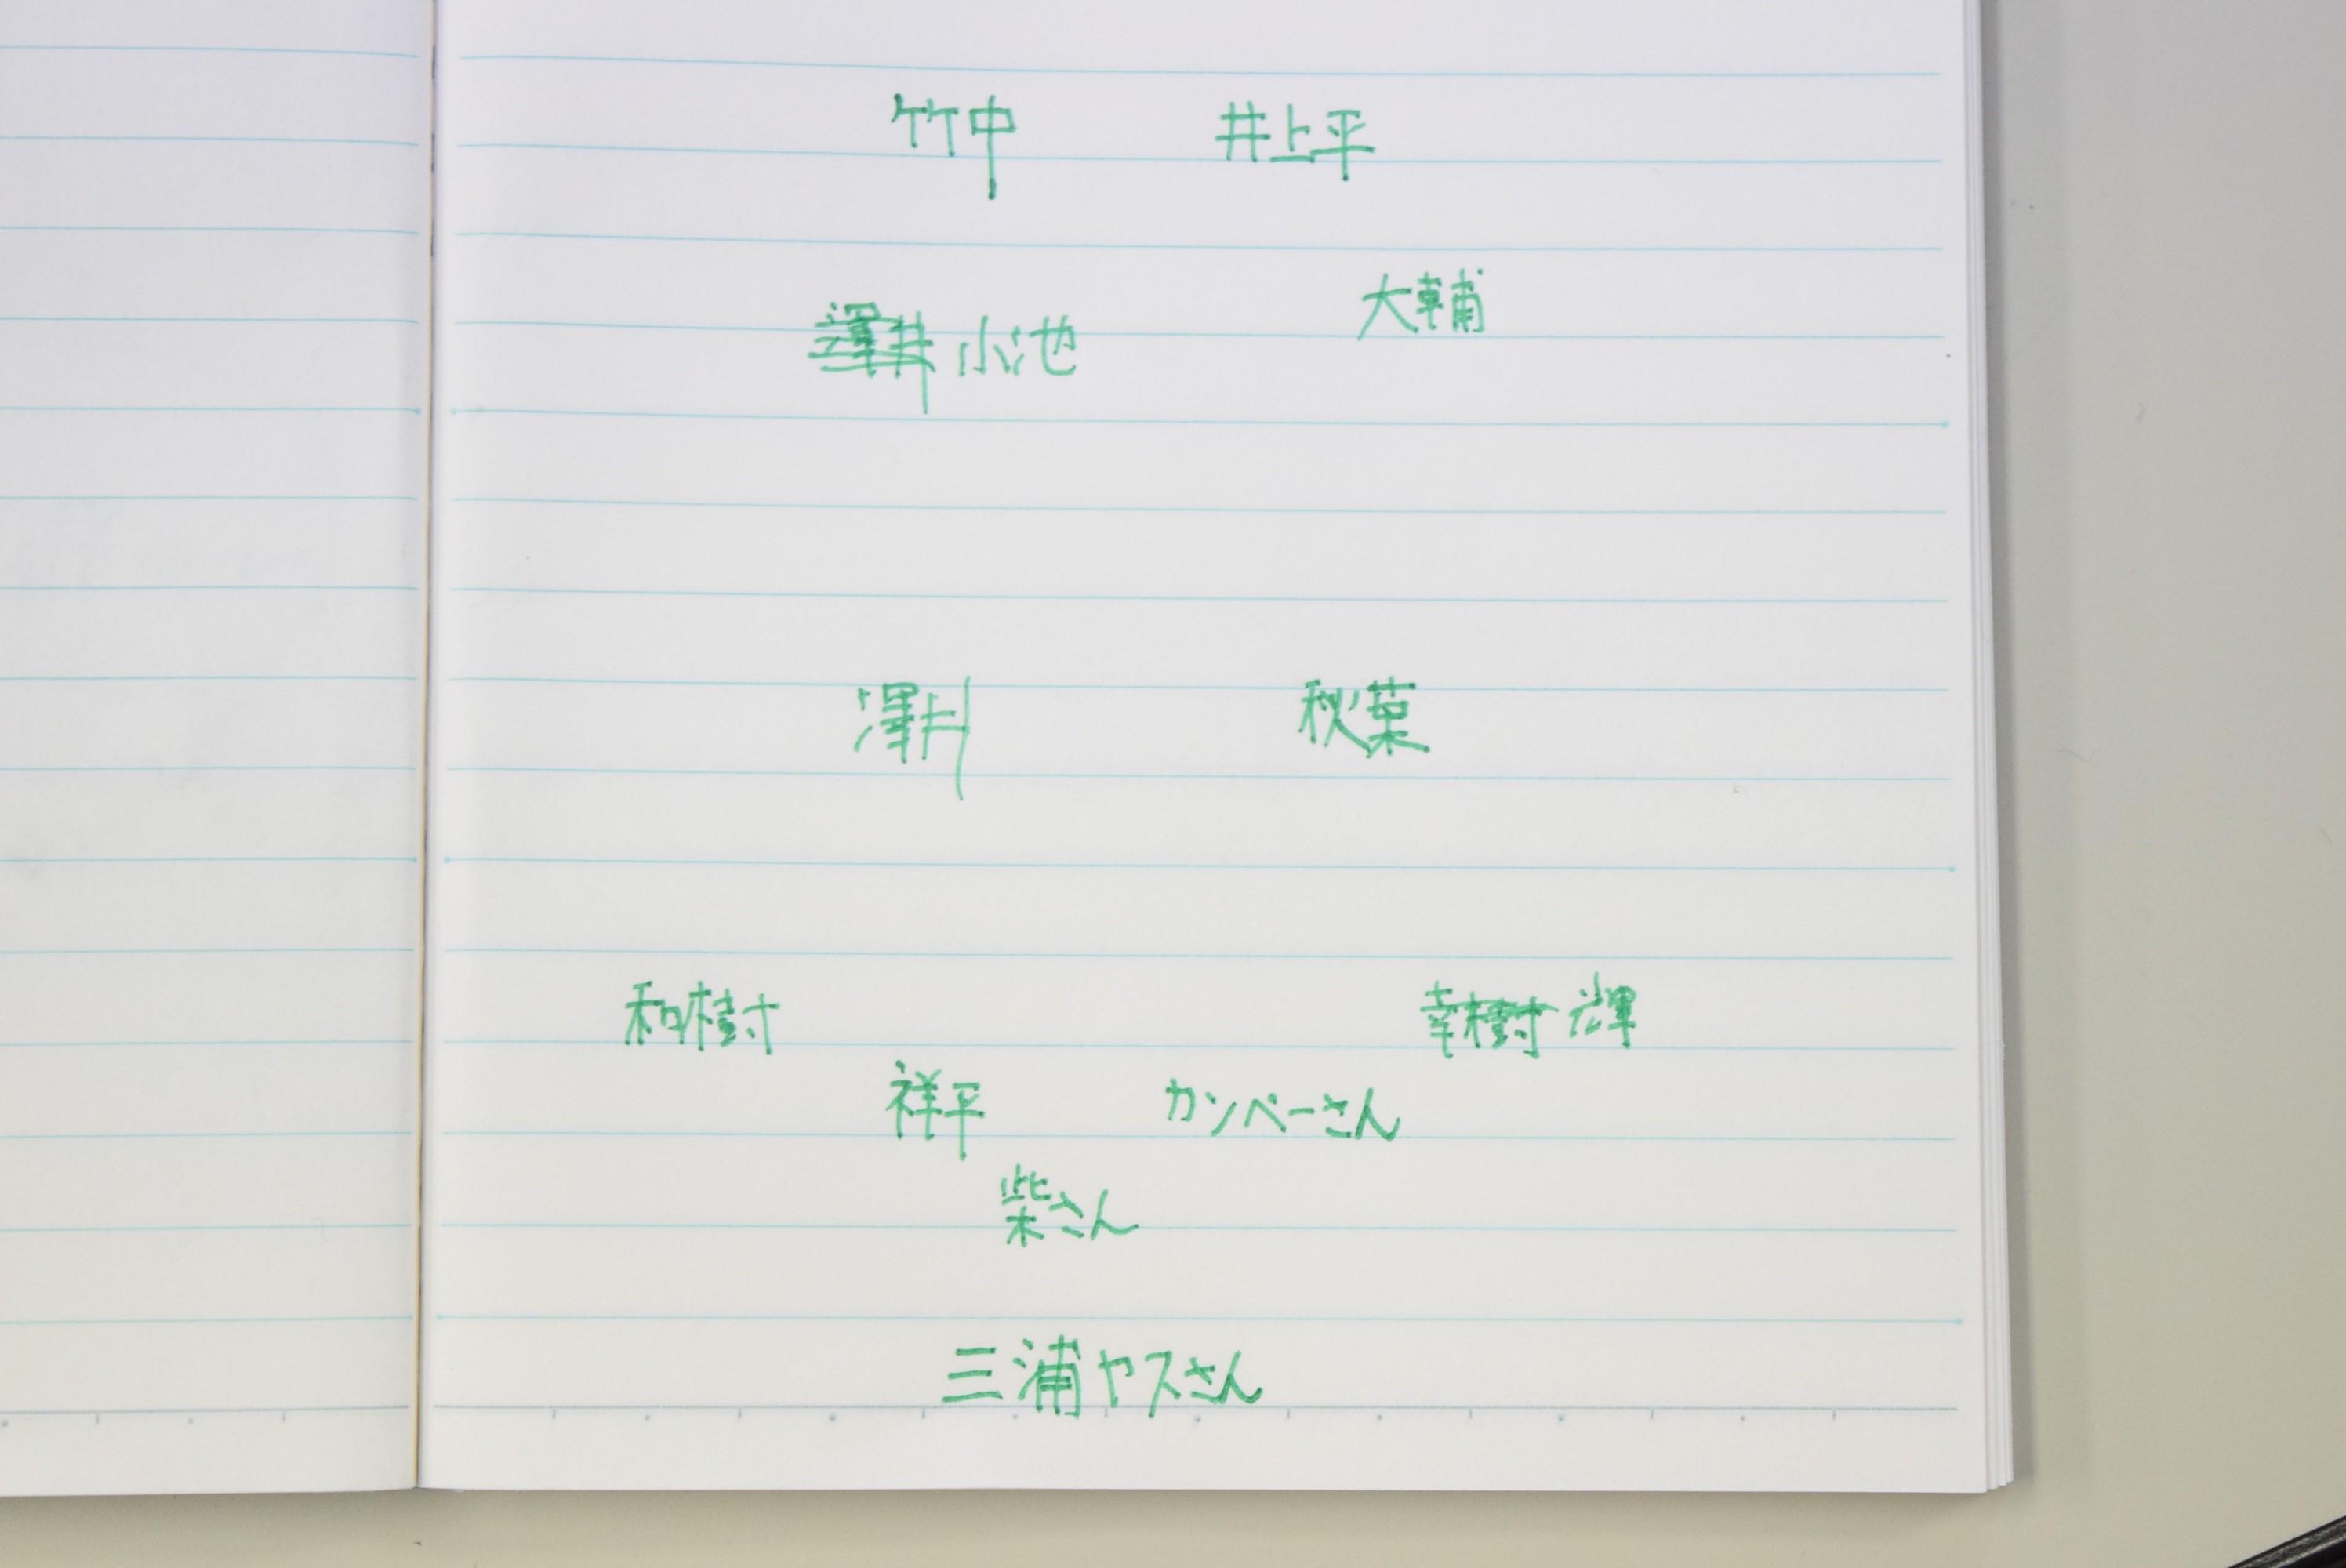 加納広明氏が選んだ東京ヴェルディの歴代ベストイレブン